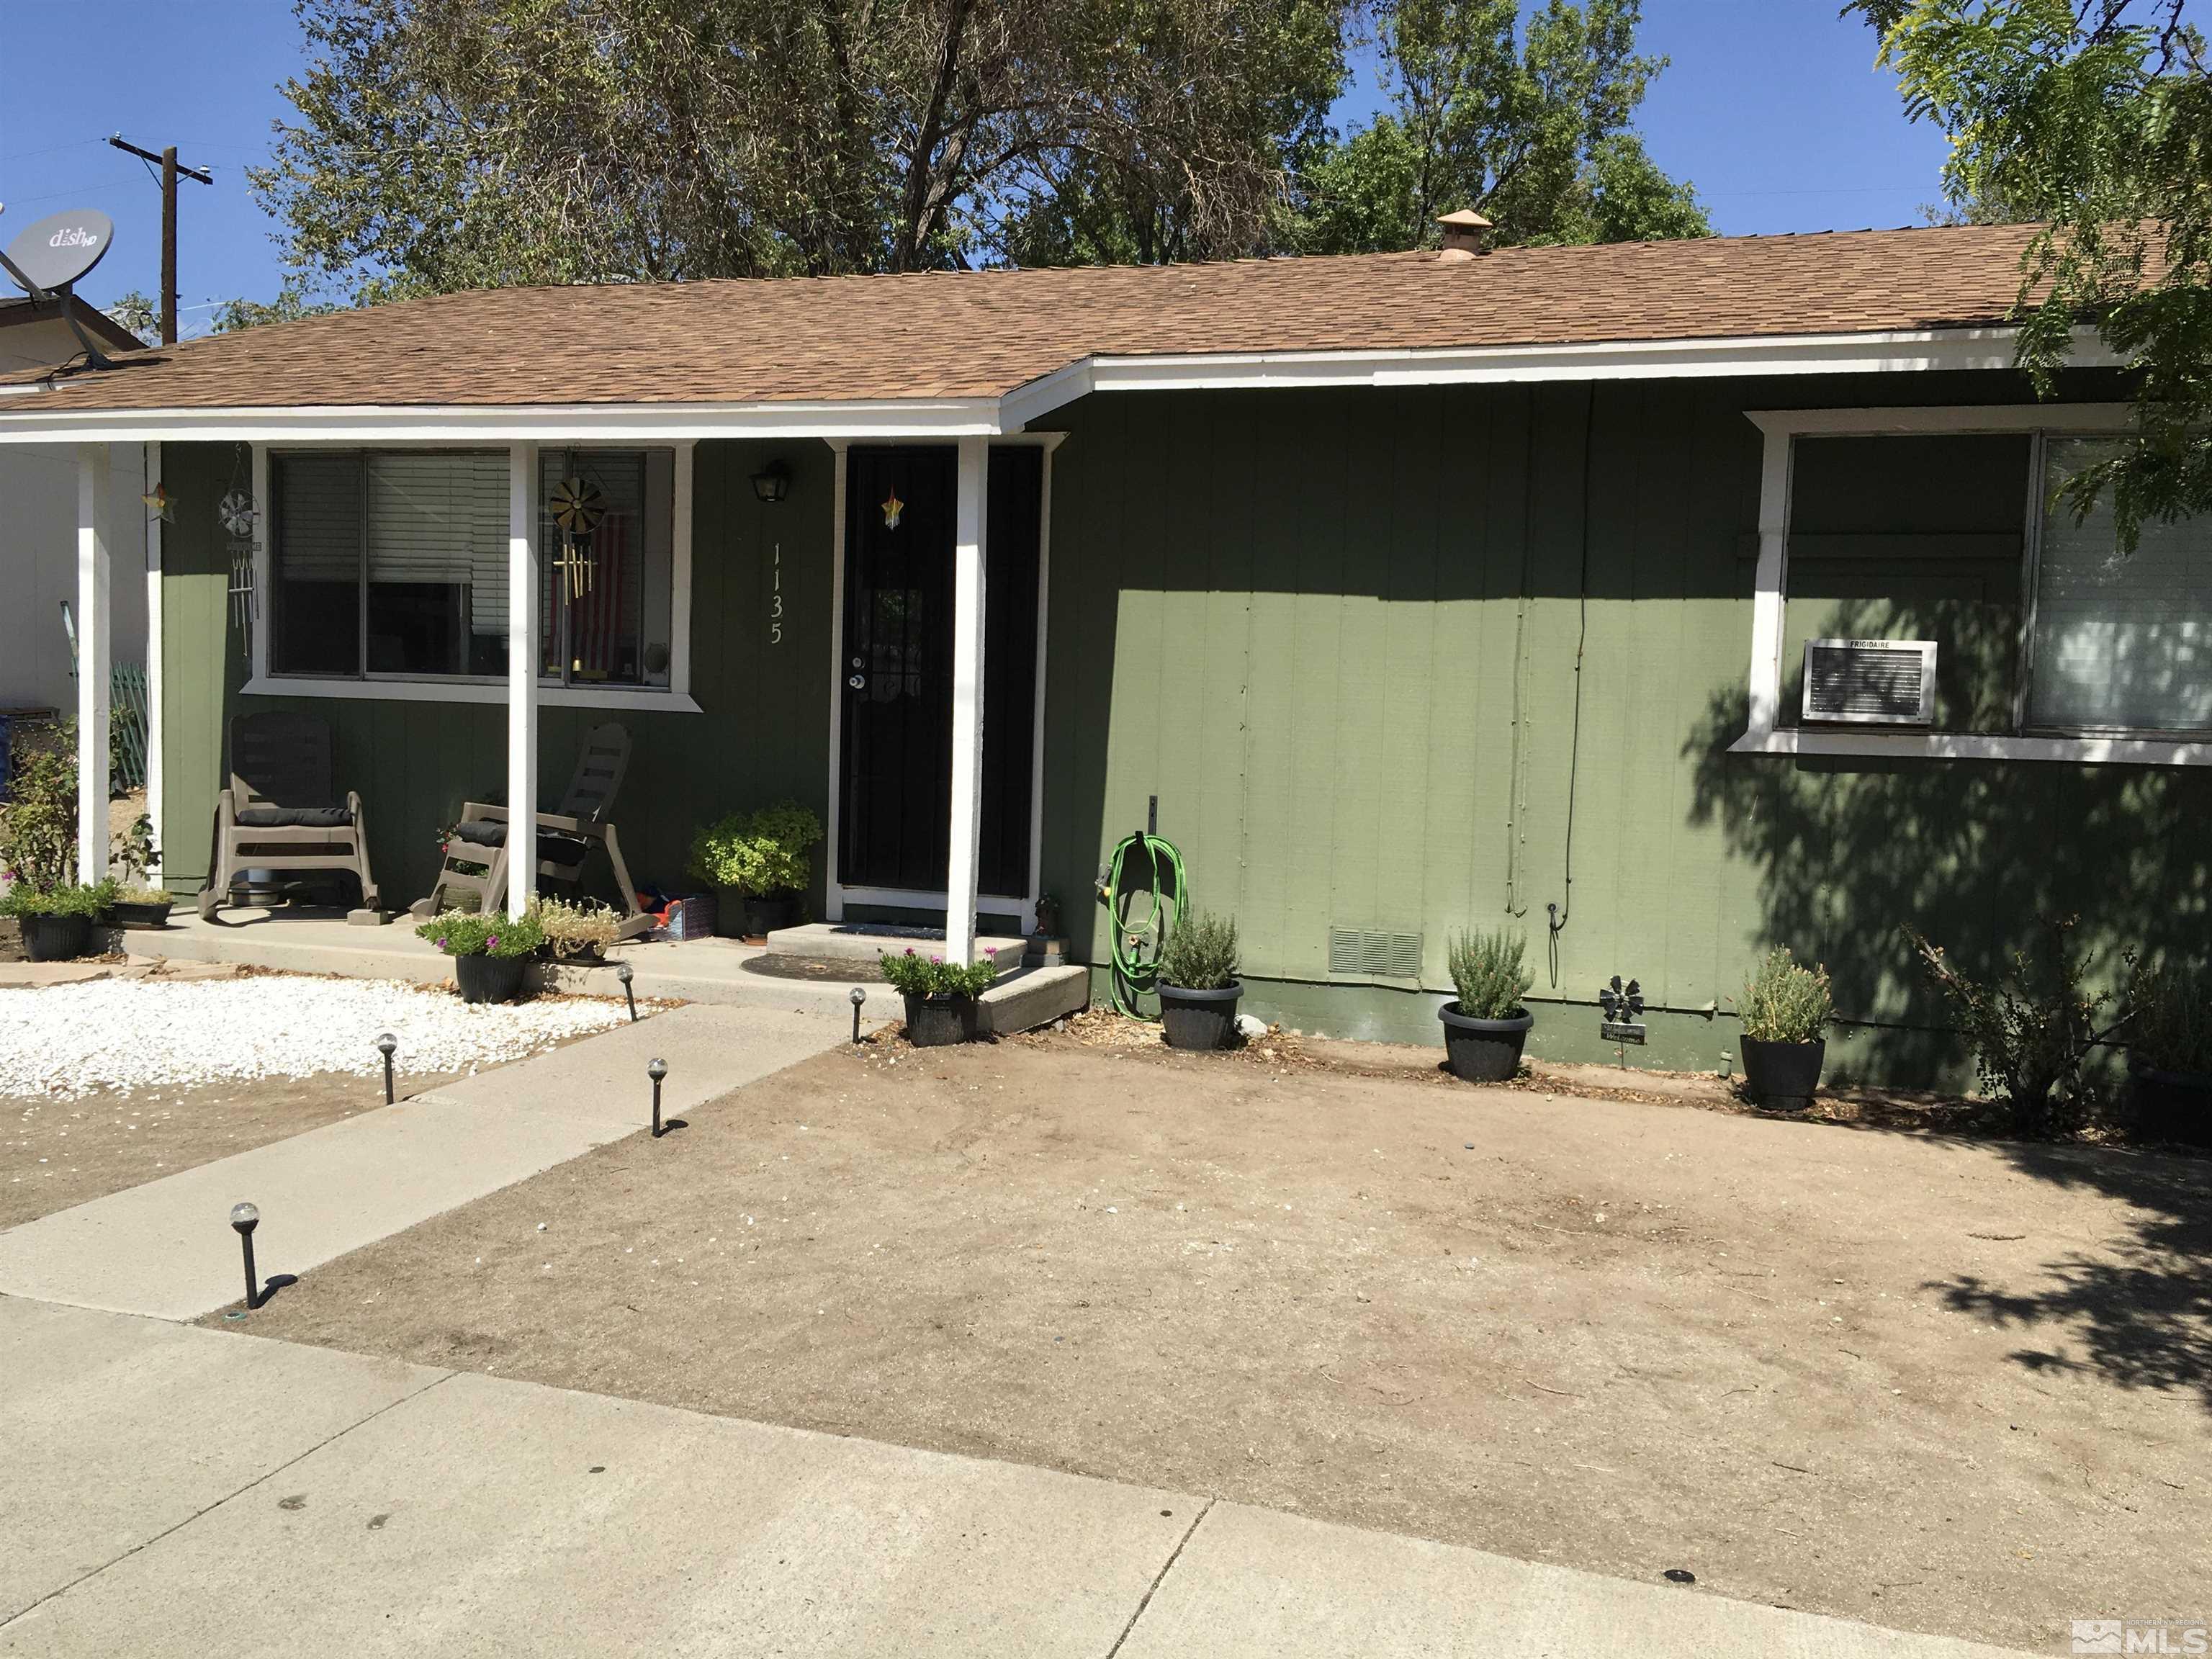 Image for 1145 Virbel Lane, Reno, NV 89502